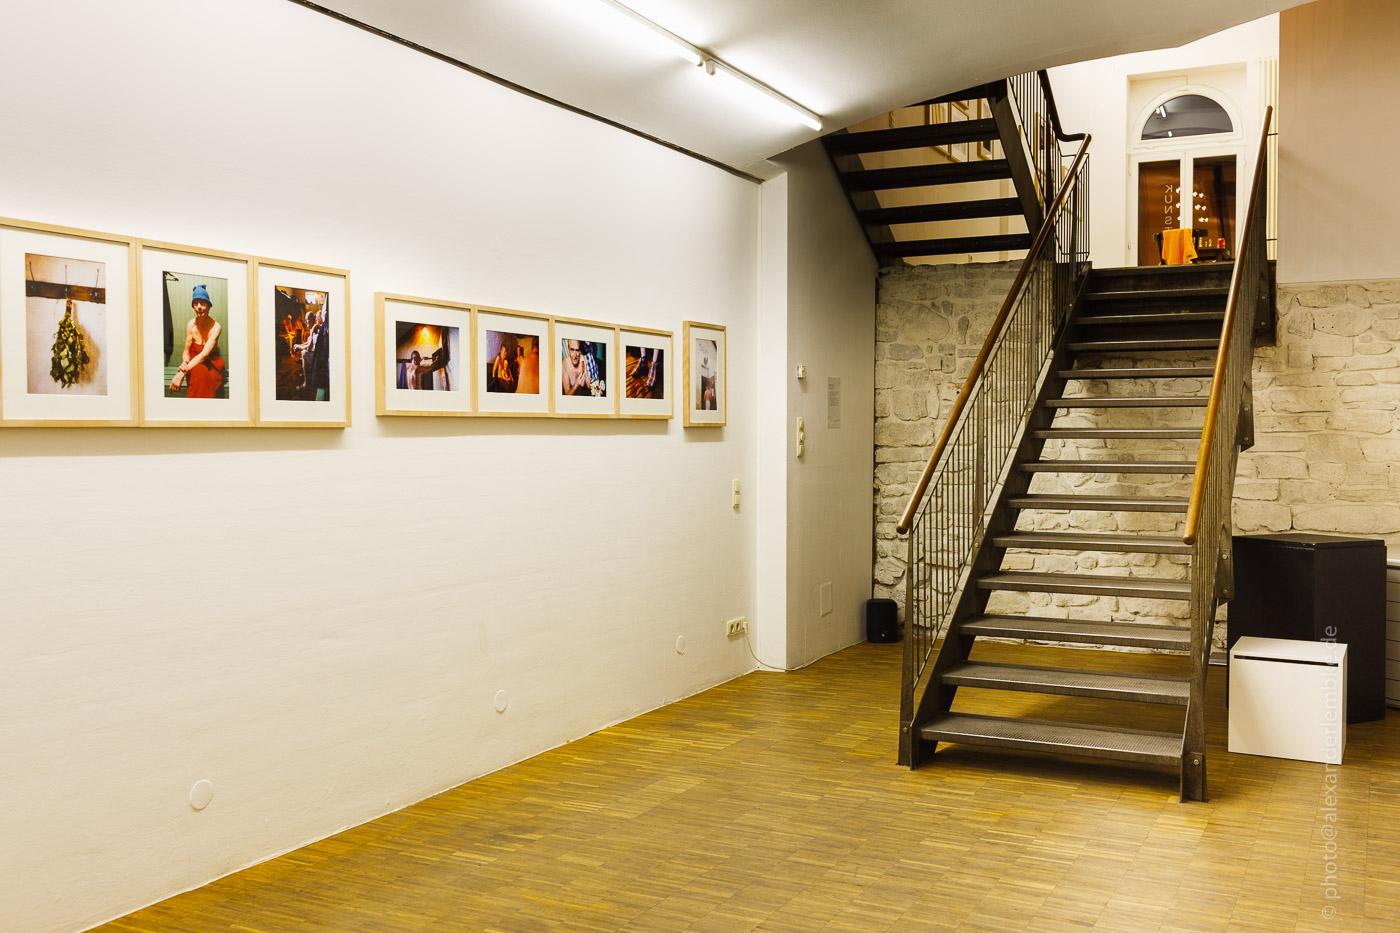 02_kunsthaus_2018_alexanderlembke_de